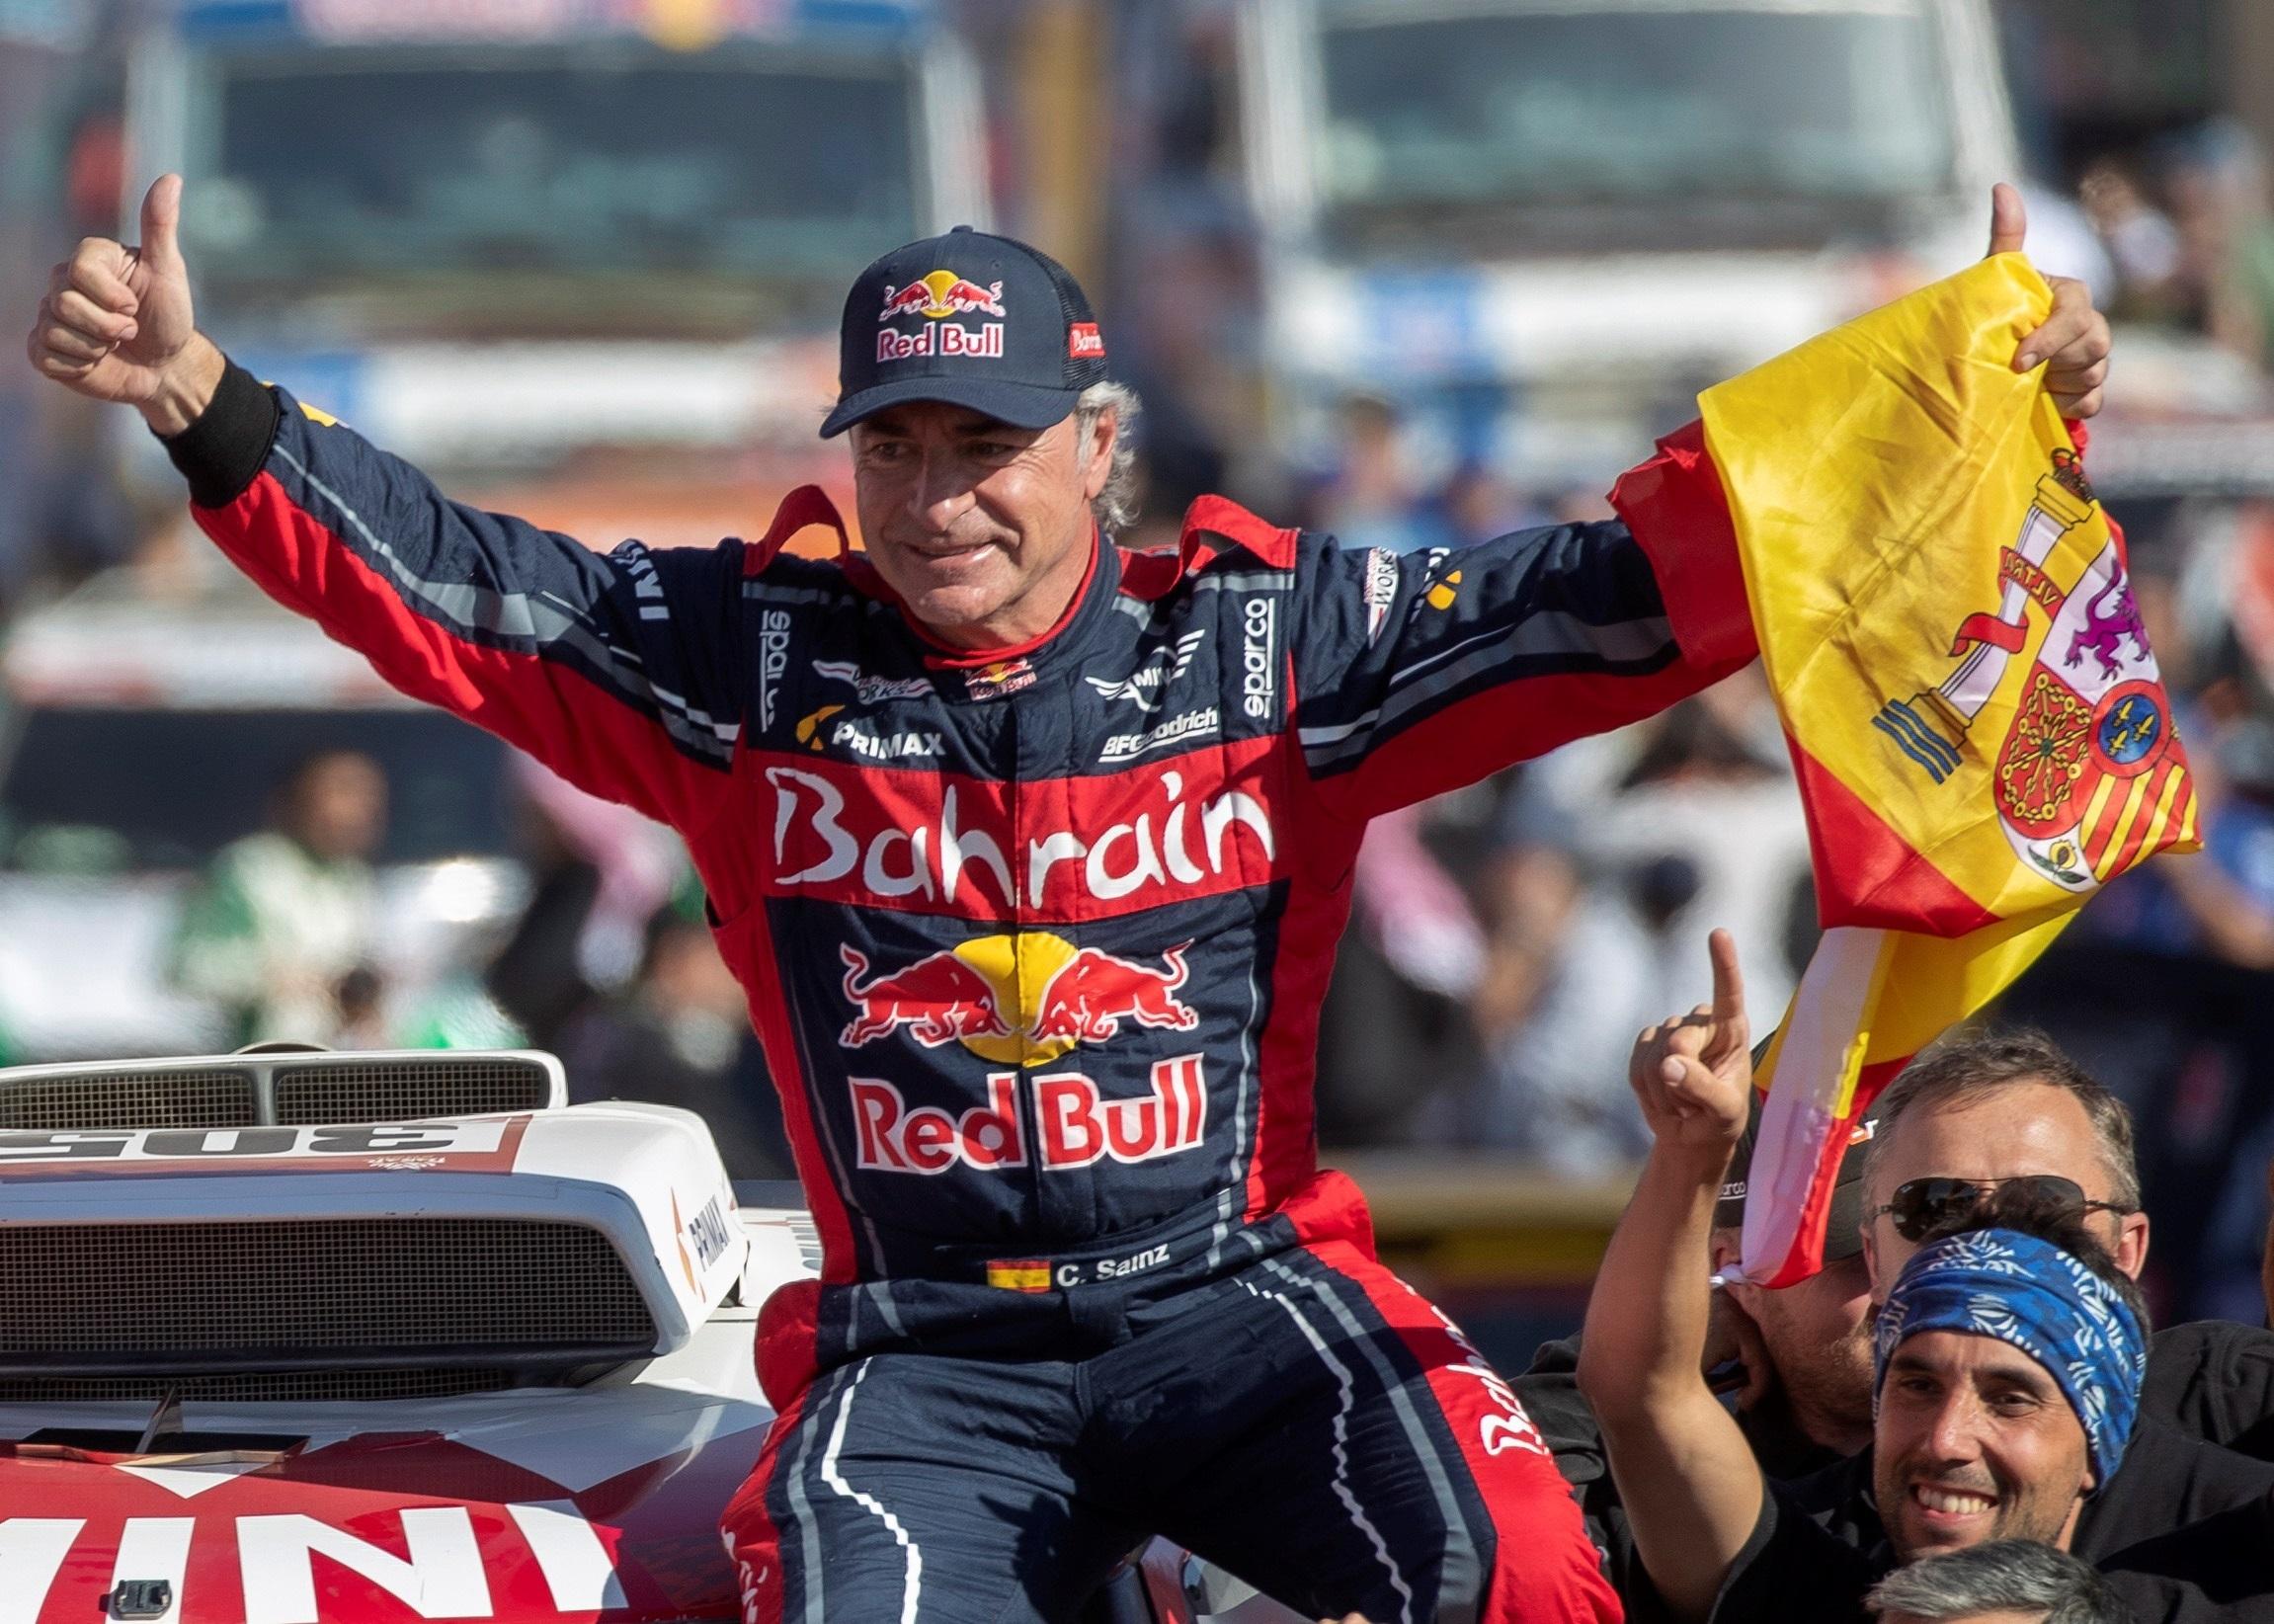 Carlos Sainz, considerado la primera gran leyenda del automovilismo español, ha sido distinguido este martes con el Premio Princesa de Asturias de los Deportes 2020. En la imagen, celebra su victoria en el Dakar 2020 en Qiddya, Arabia Saudí, el 17 de enero de 2020, con el equipo Bahrain JCW X-Raid Team. Foto de EFE/ Andre Pain.